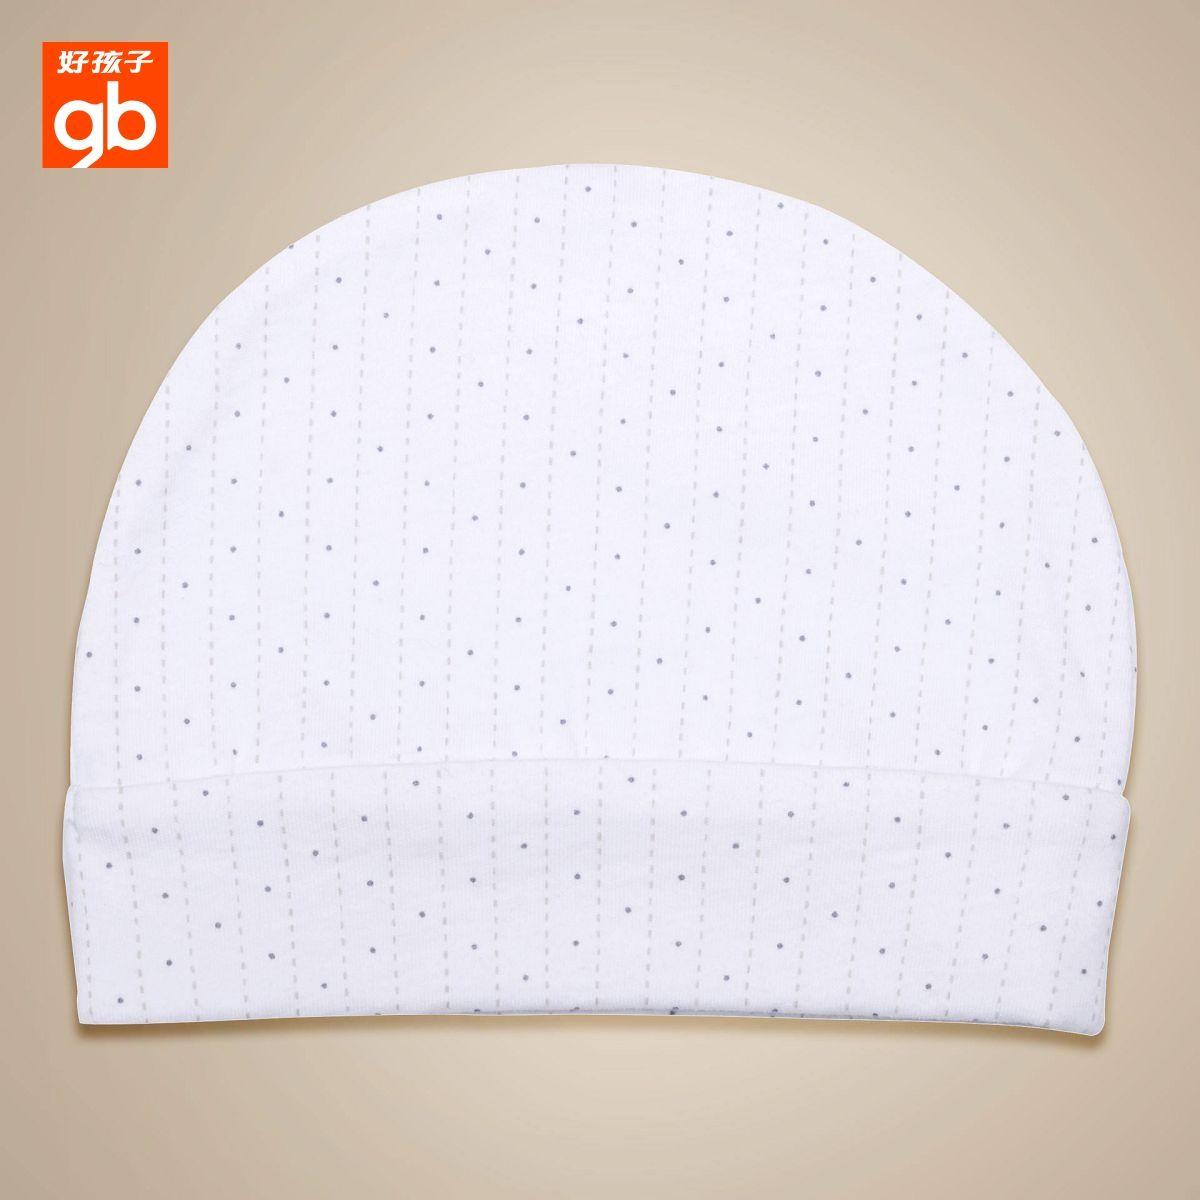 好孩子嬰兒帽子 春夏男女0~1歲新生兒帽子純棉春秋童帽 寶寶帽子